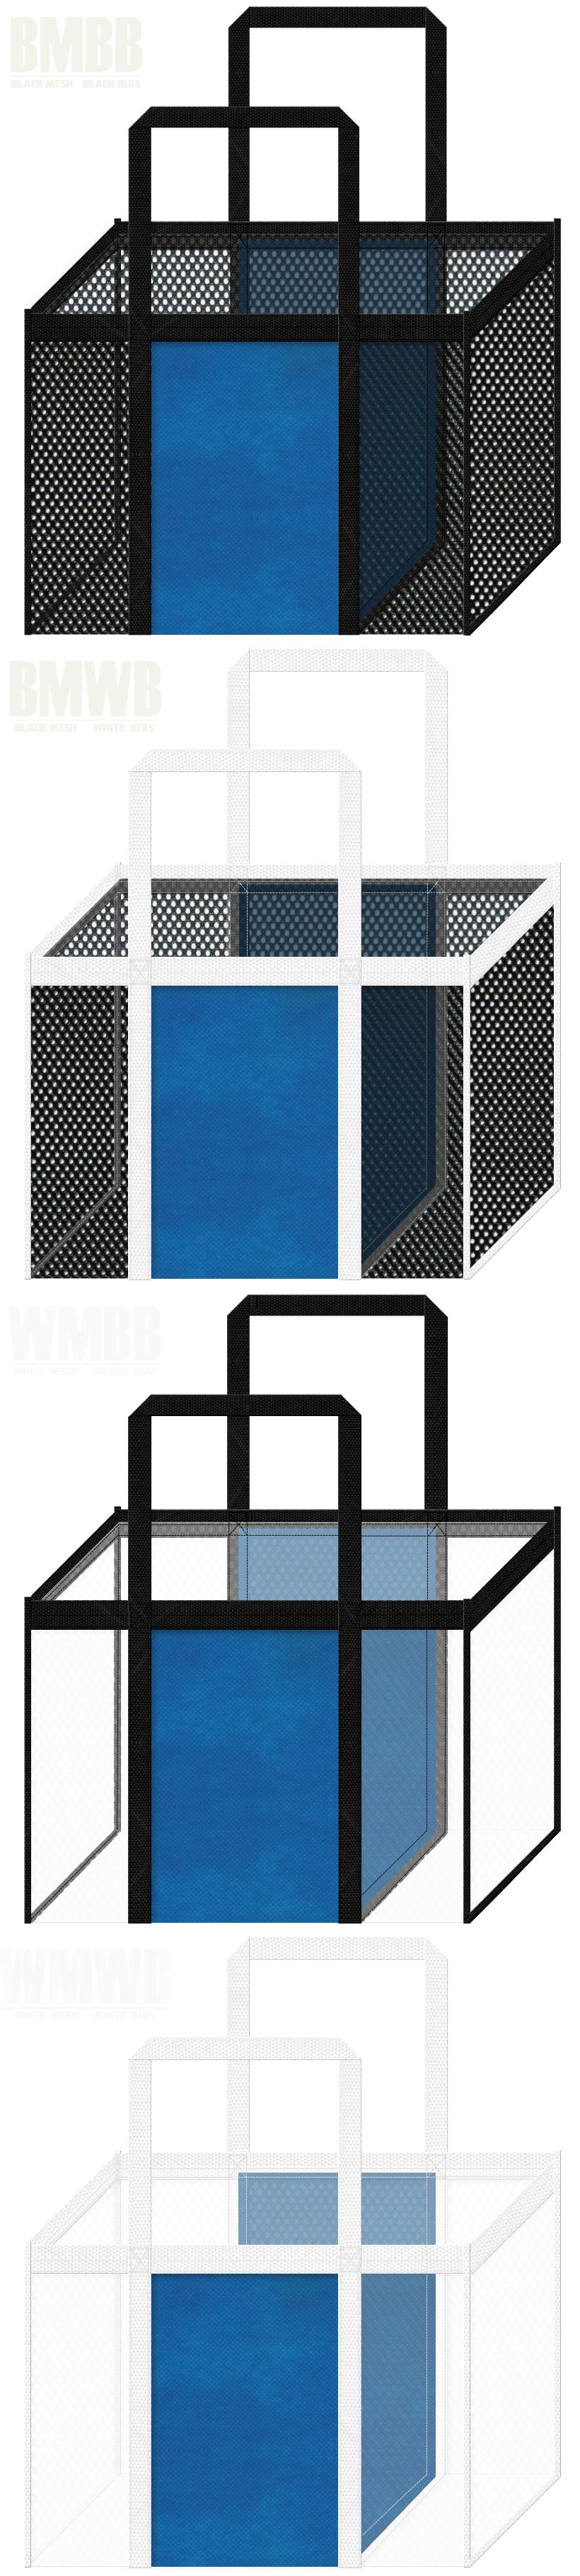 角型メッシュバッグのカラーシミュレーション:黒色・白色メッシュと青色不織布の組み合わせ